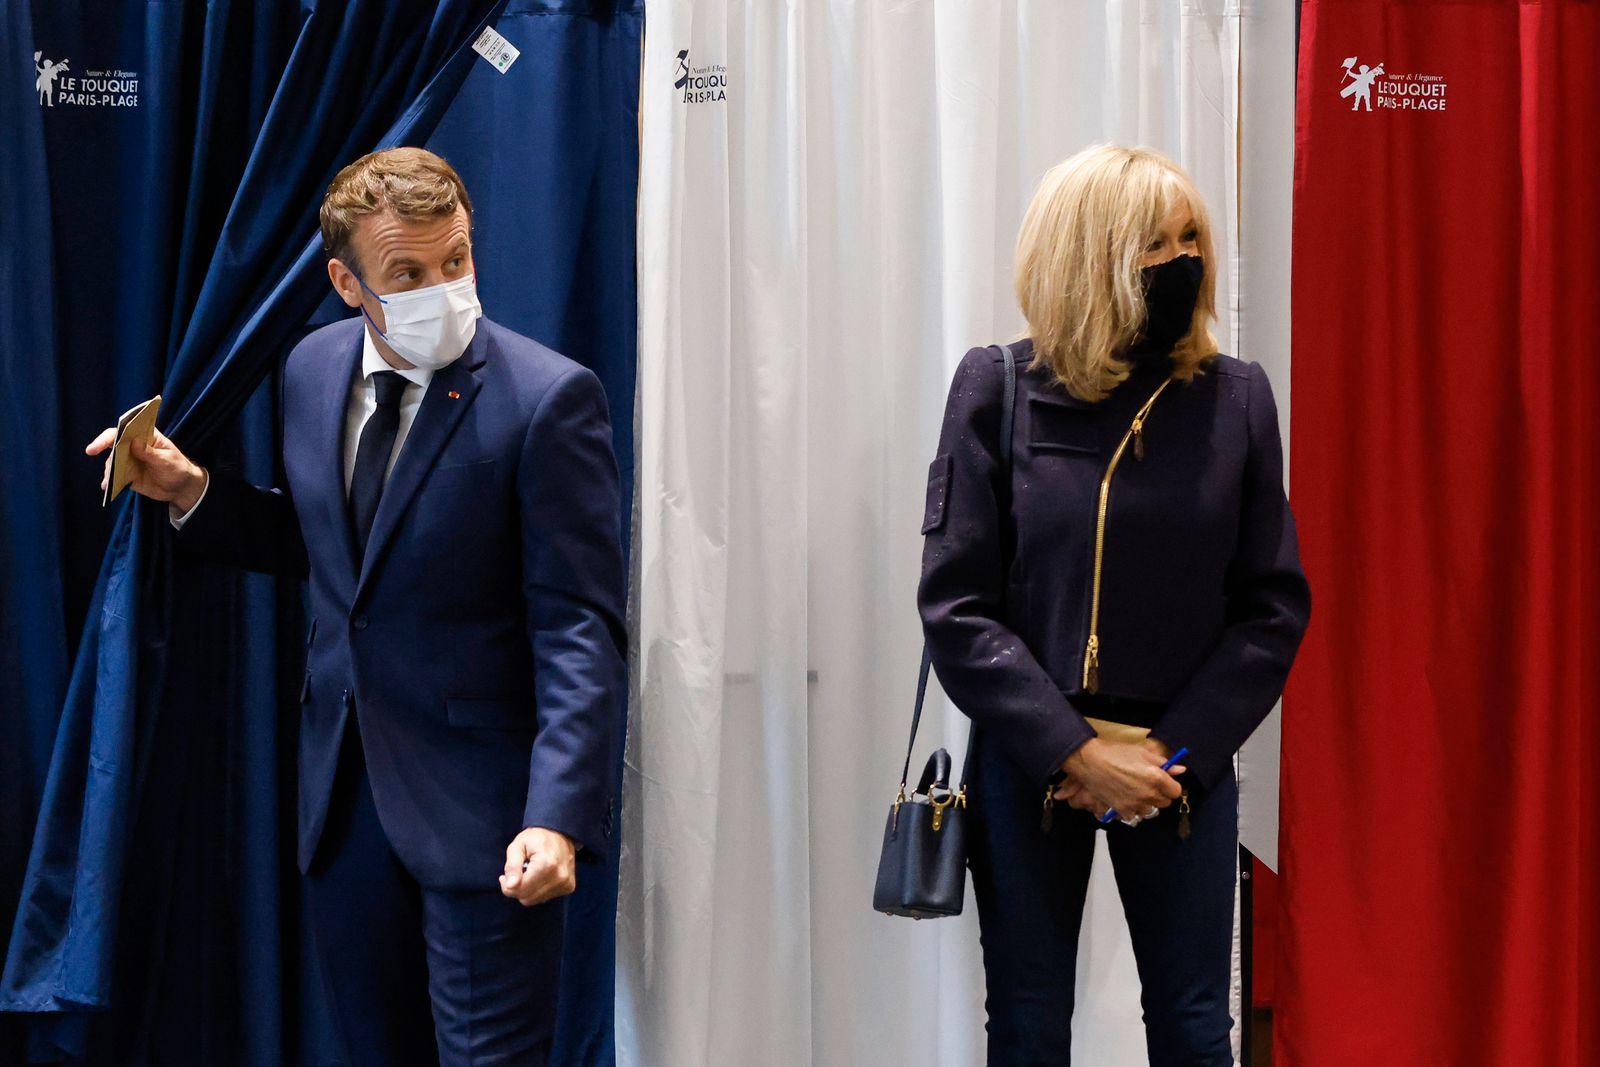 Regionalwahlen in Frankreich - Zweite Runde